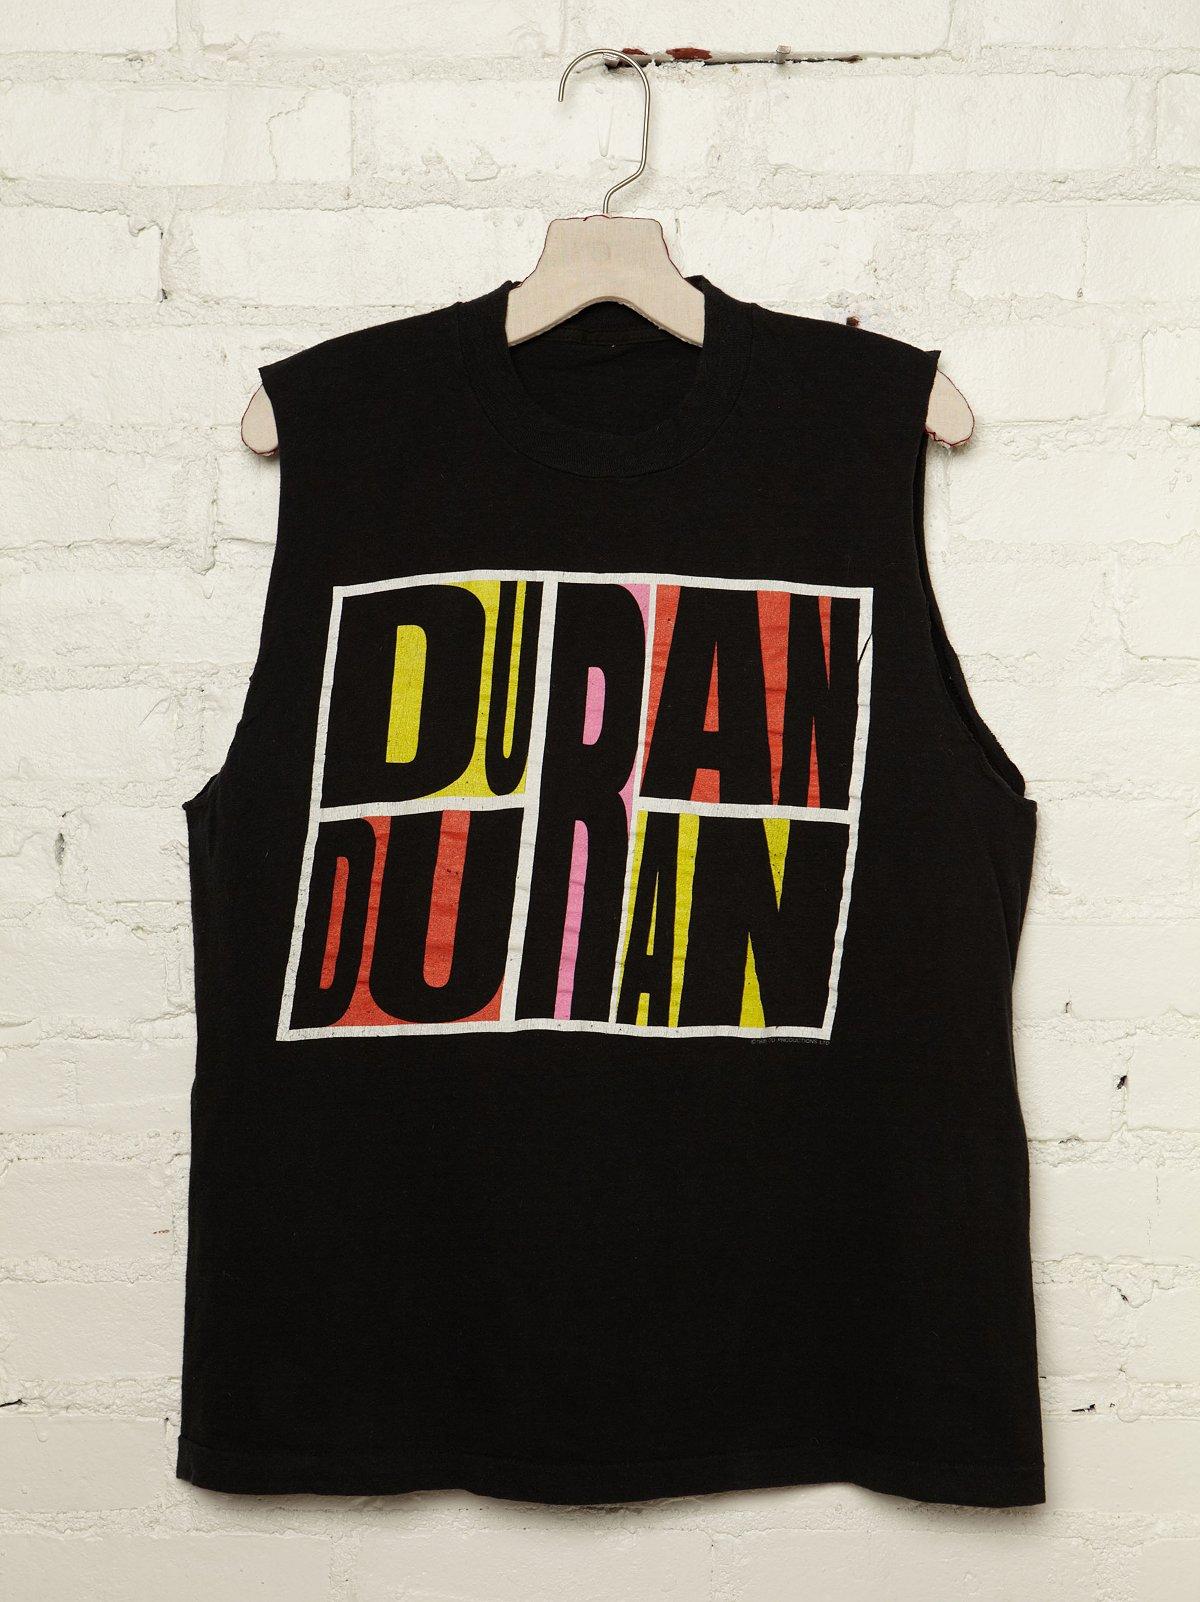 Vintage Duran Duran Tank